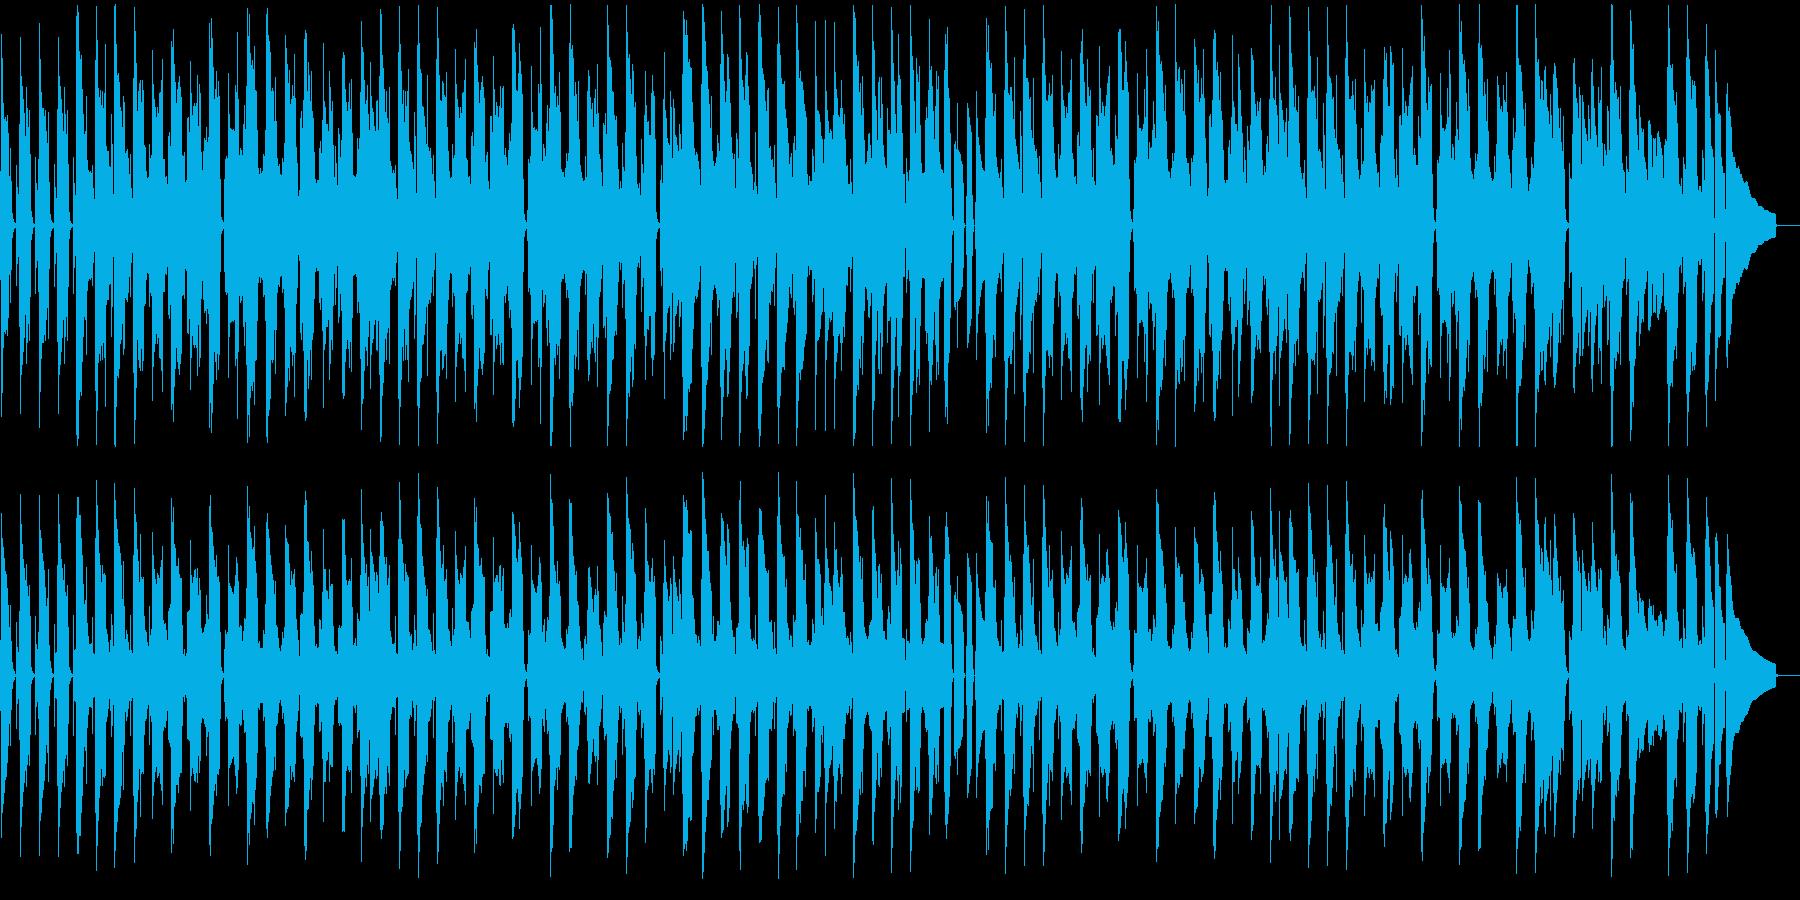 ほのぼのとしたのんびりムードのBGMの再生済みの波形